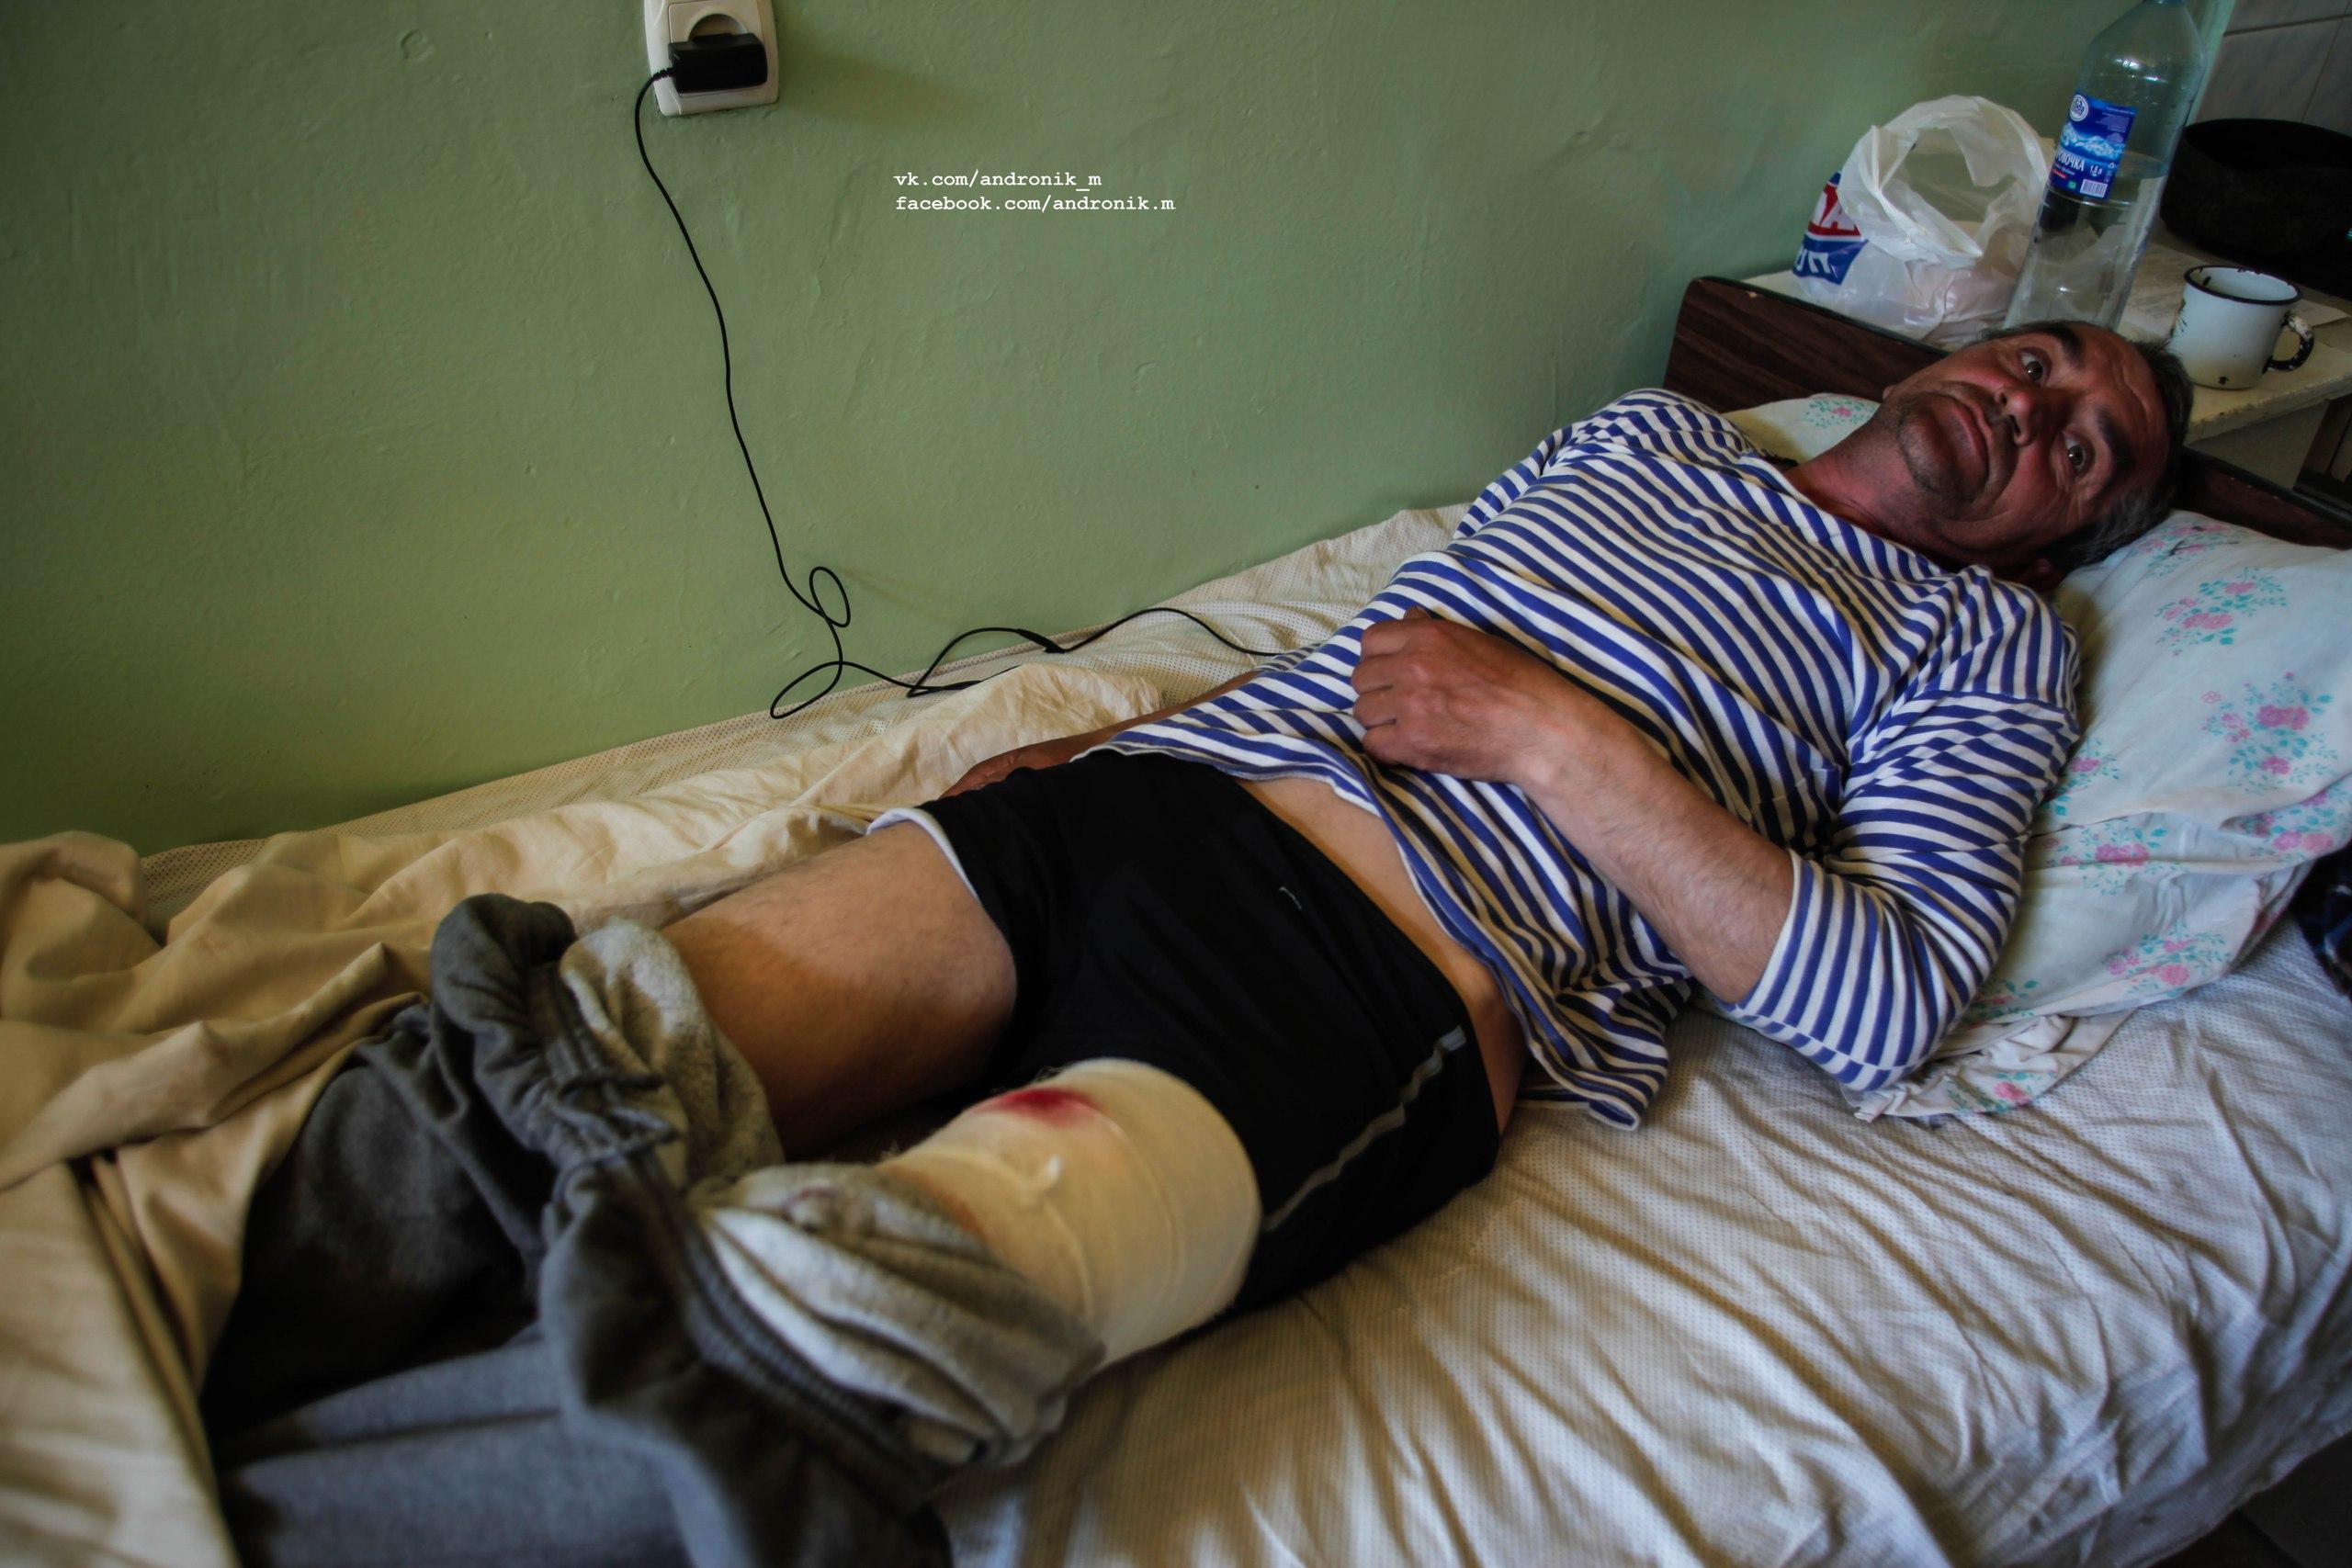 Боевики ВС украины прострелили бедро местному жителю в Донецке